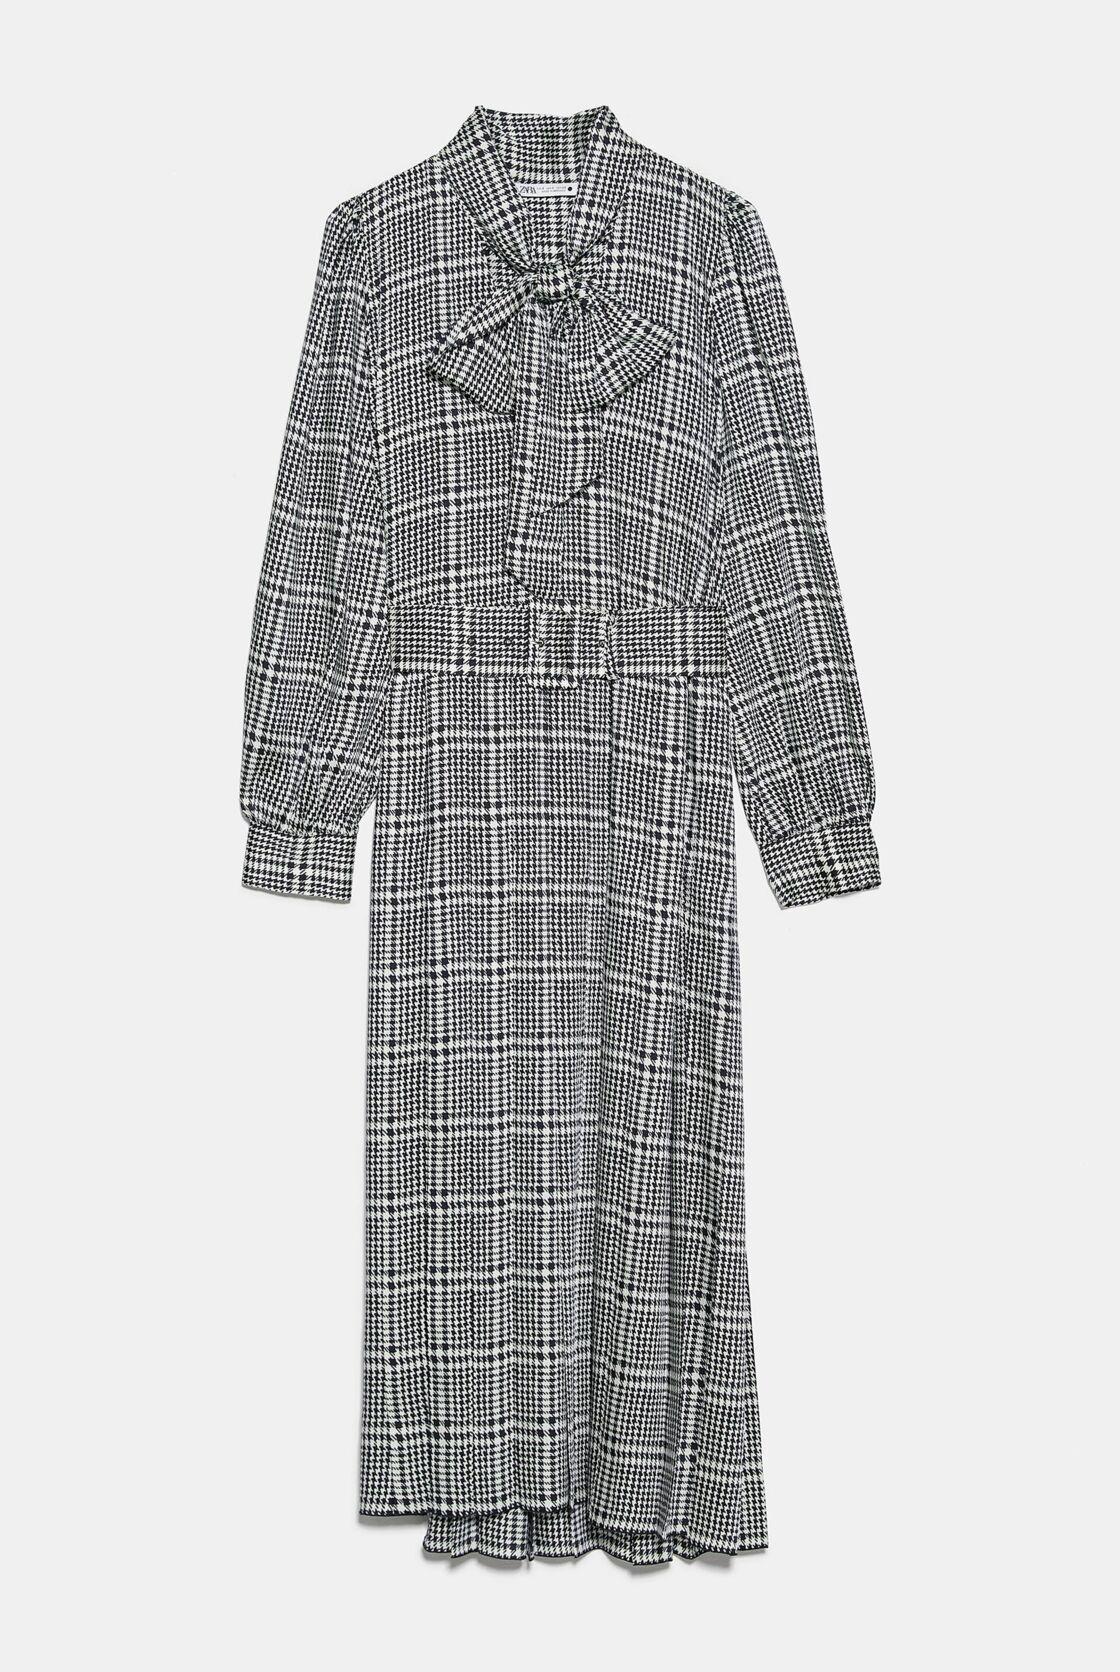 La robe de Kate Middleton est signée Zara, collection été 2020, à 39,99 €.